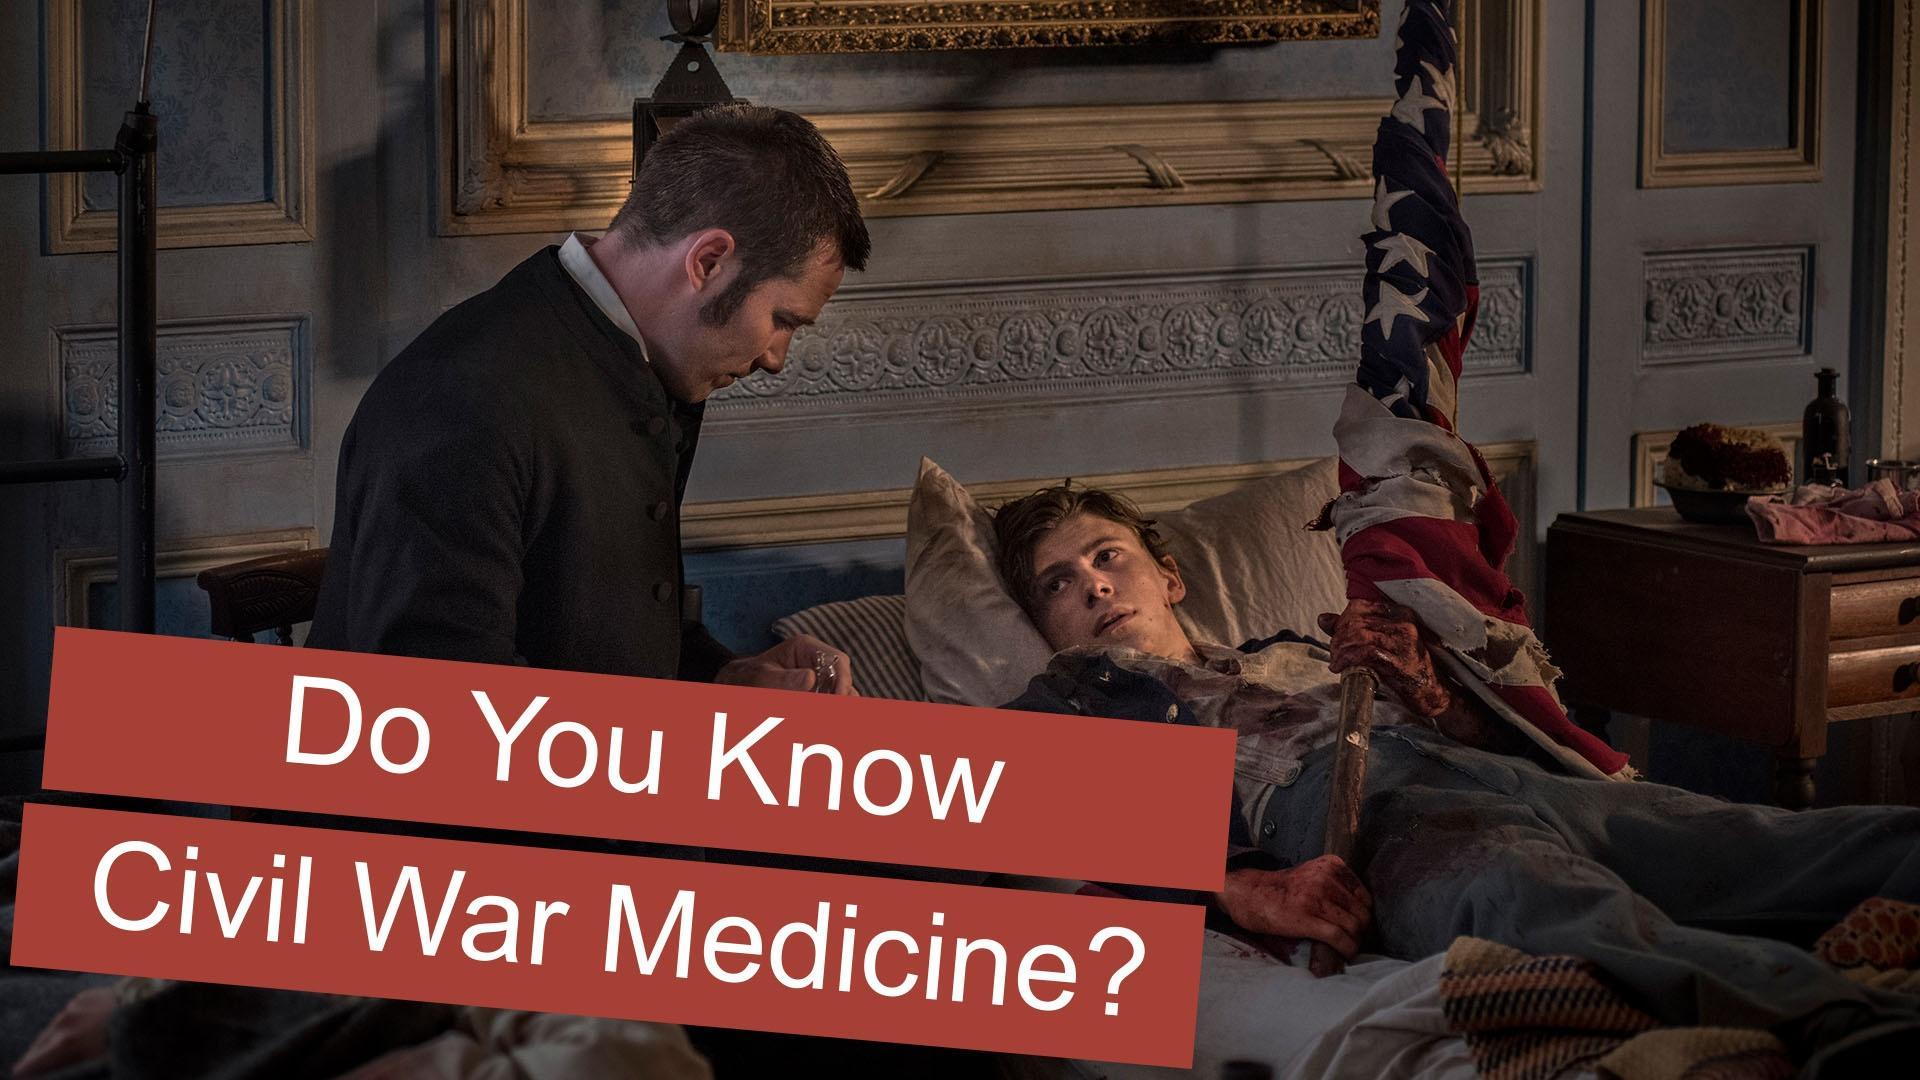 QUIZ: Civil War Medicine